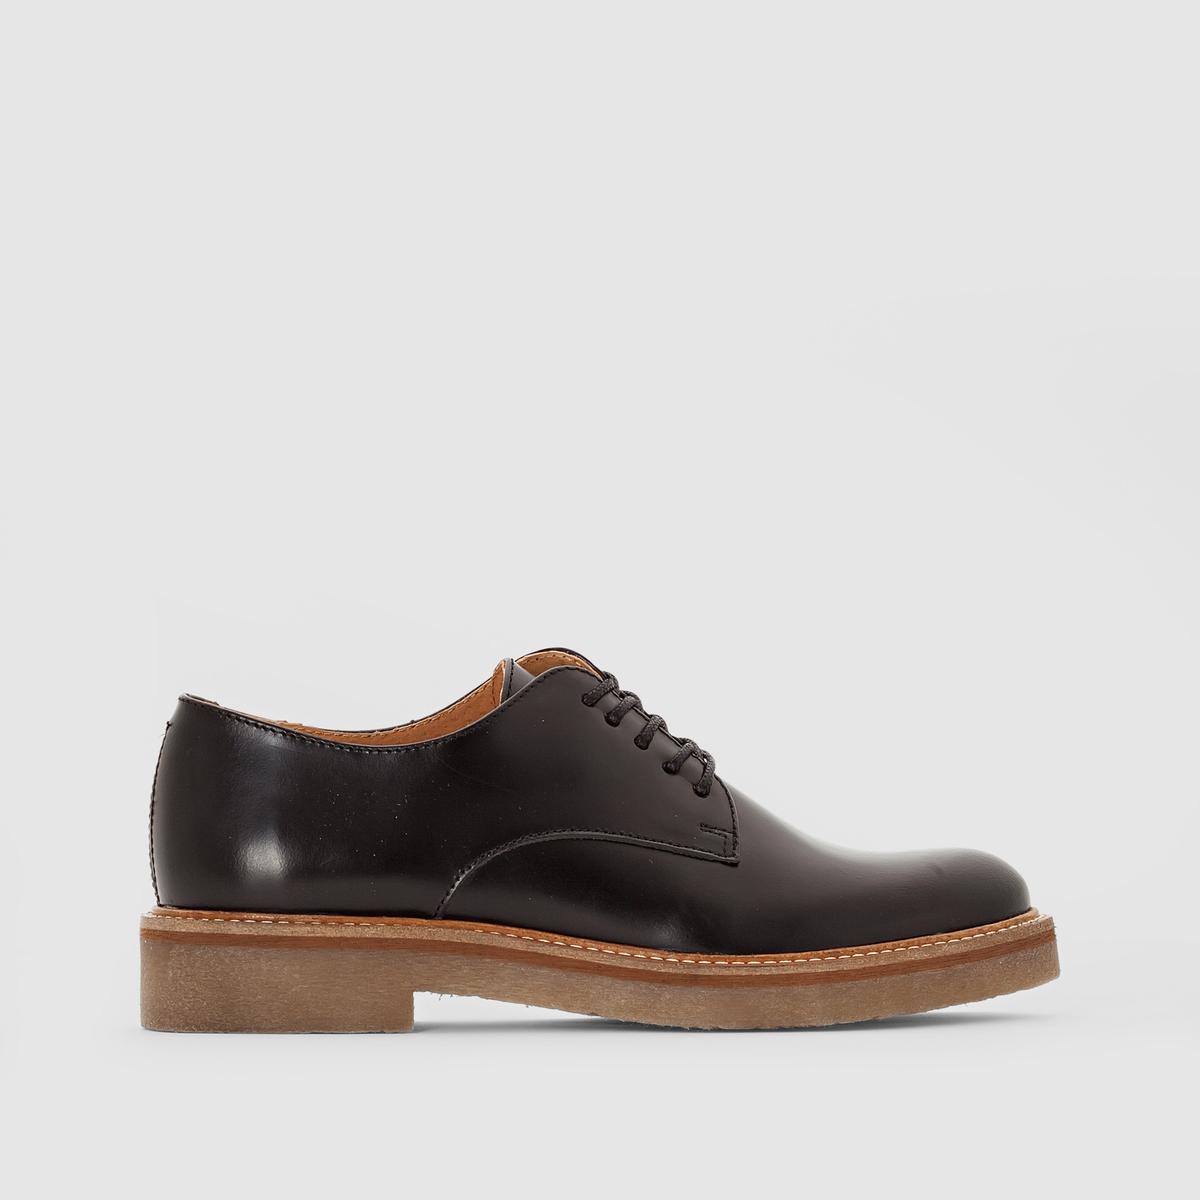 Ботинки-дерби кожаные OxfordВерх/ Голенище: Кожа      Подкладка: Неотделанная кожа     Стелька: Неотделанная кожа     Подошва: Вальцованный каучук     Высота каблука: 3 см     Застежка: шнуровка.<br><br>Цвет: черный<br>Размер: 36.41.40